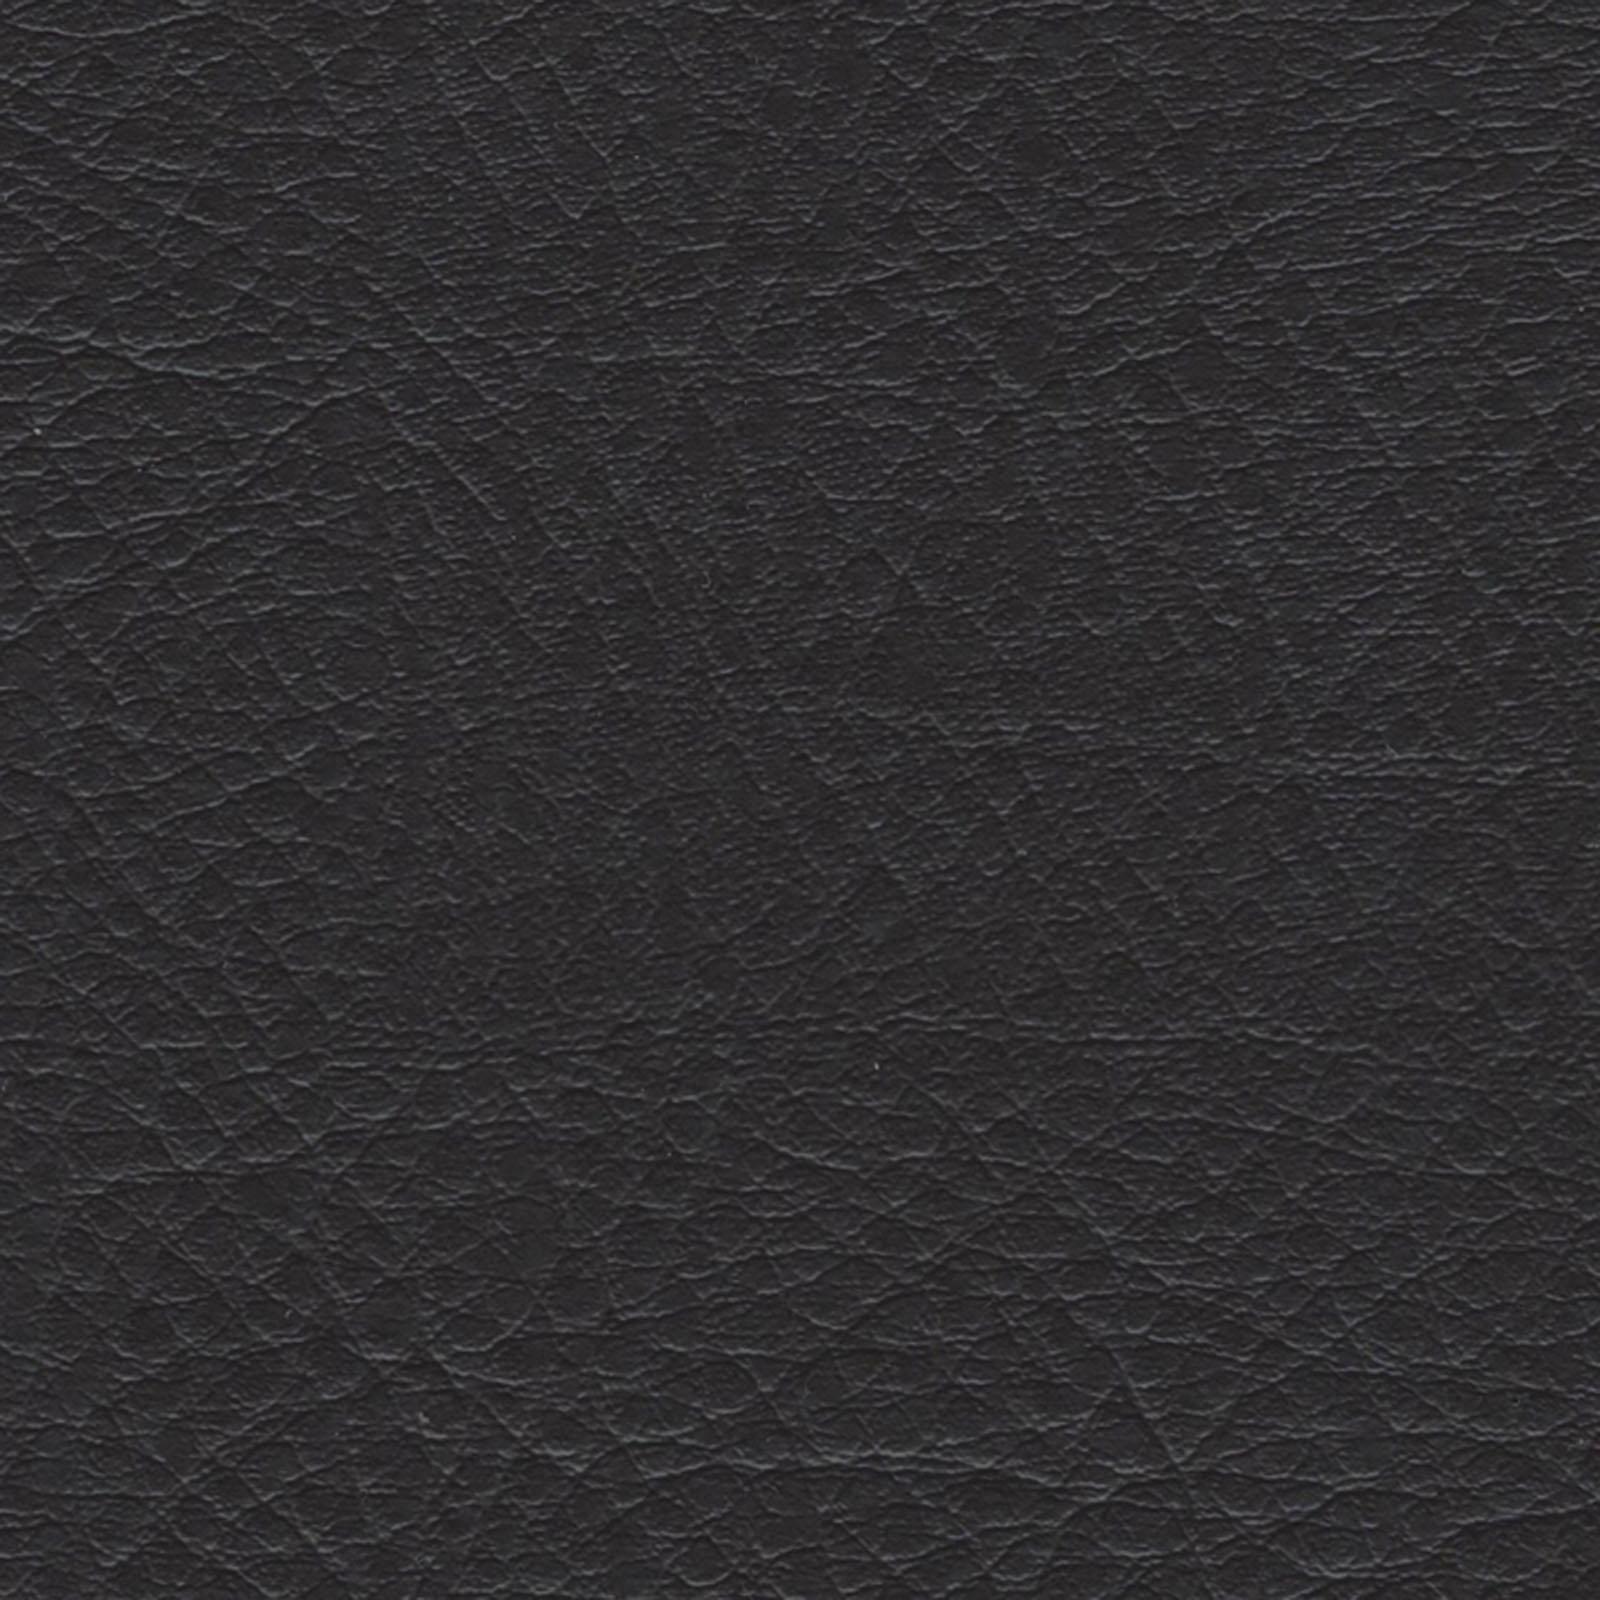 Allegro - ALG-7060 - Coal